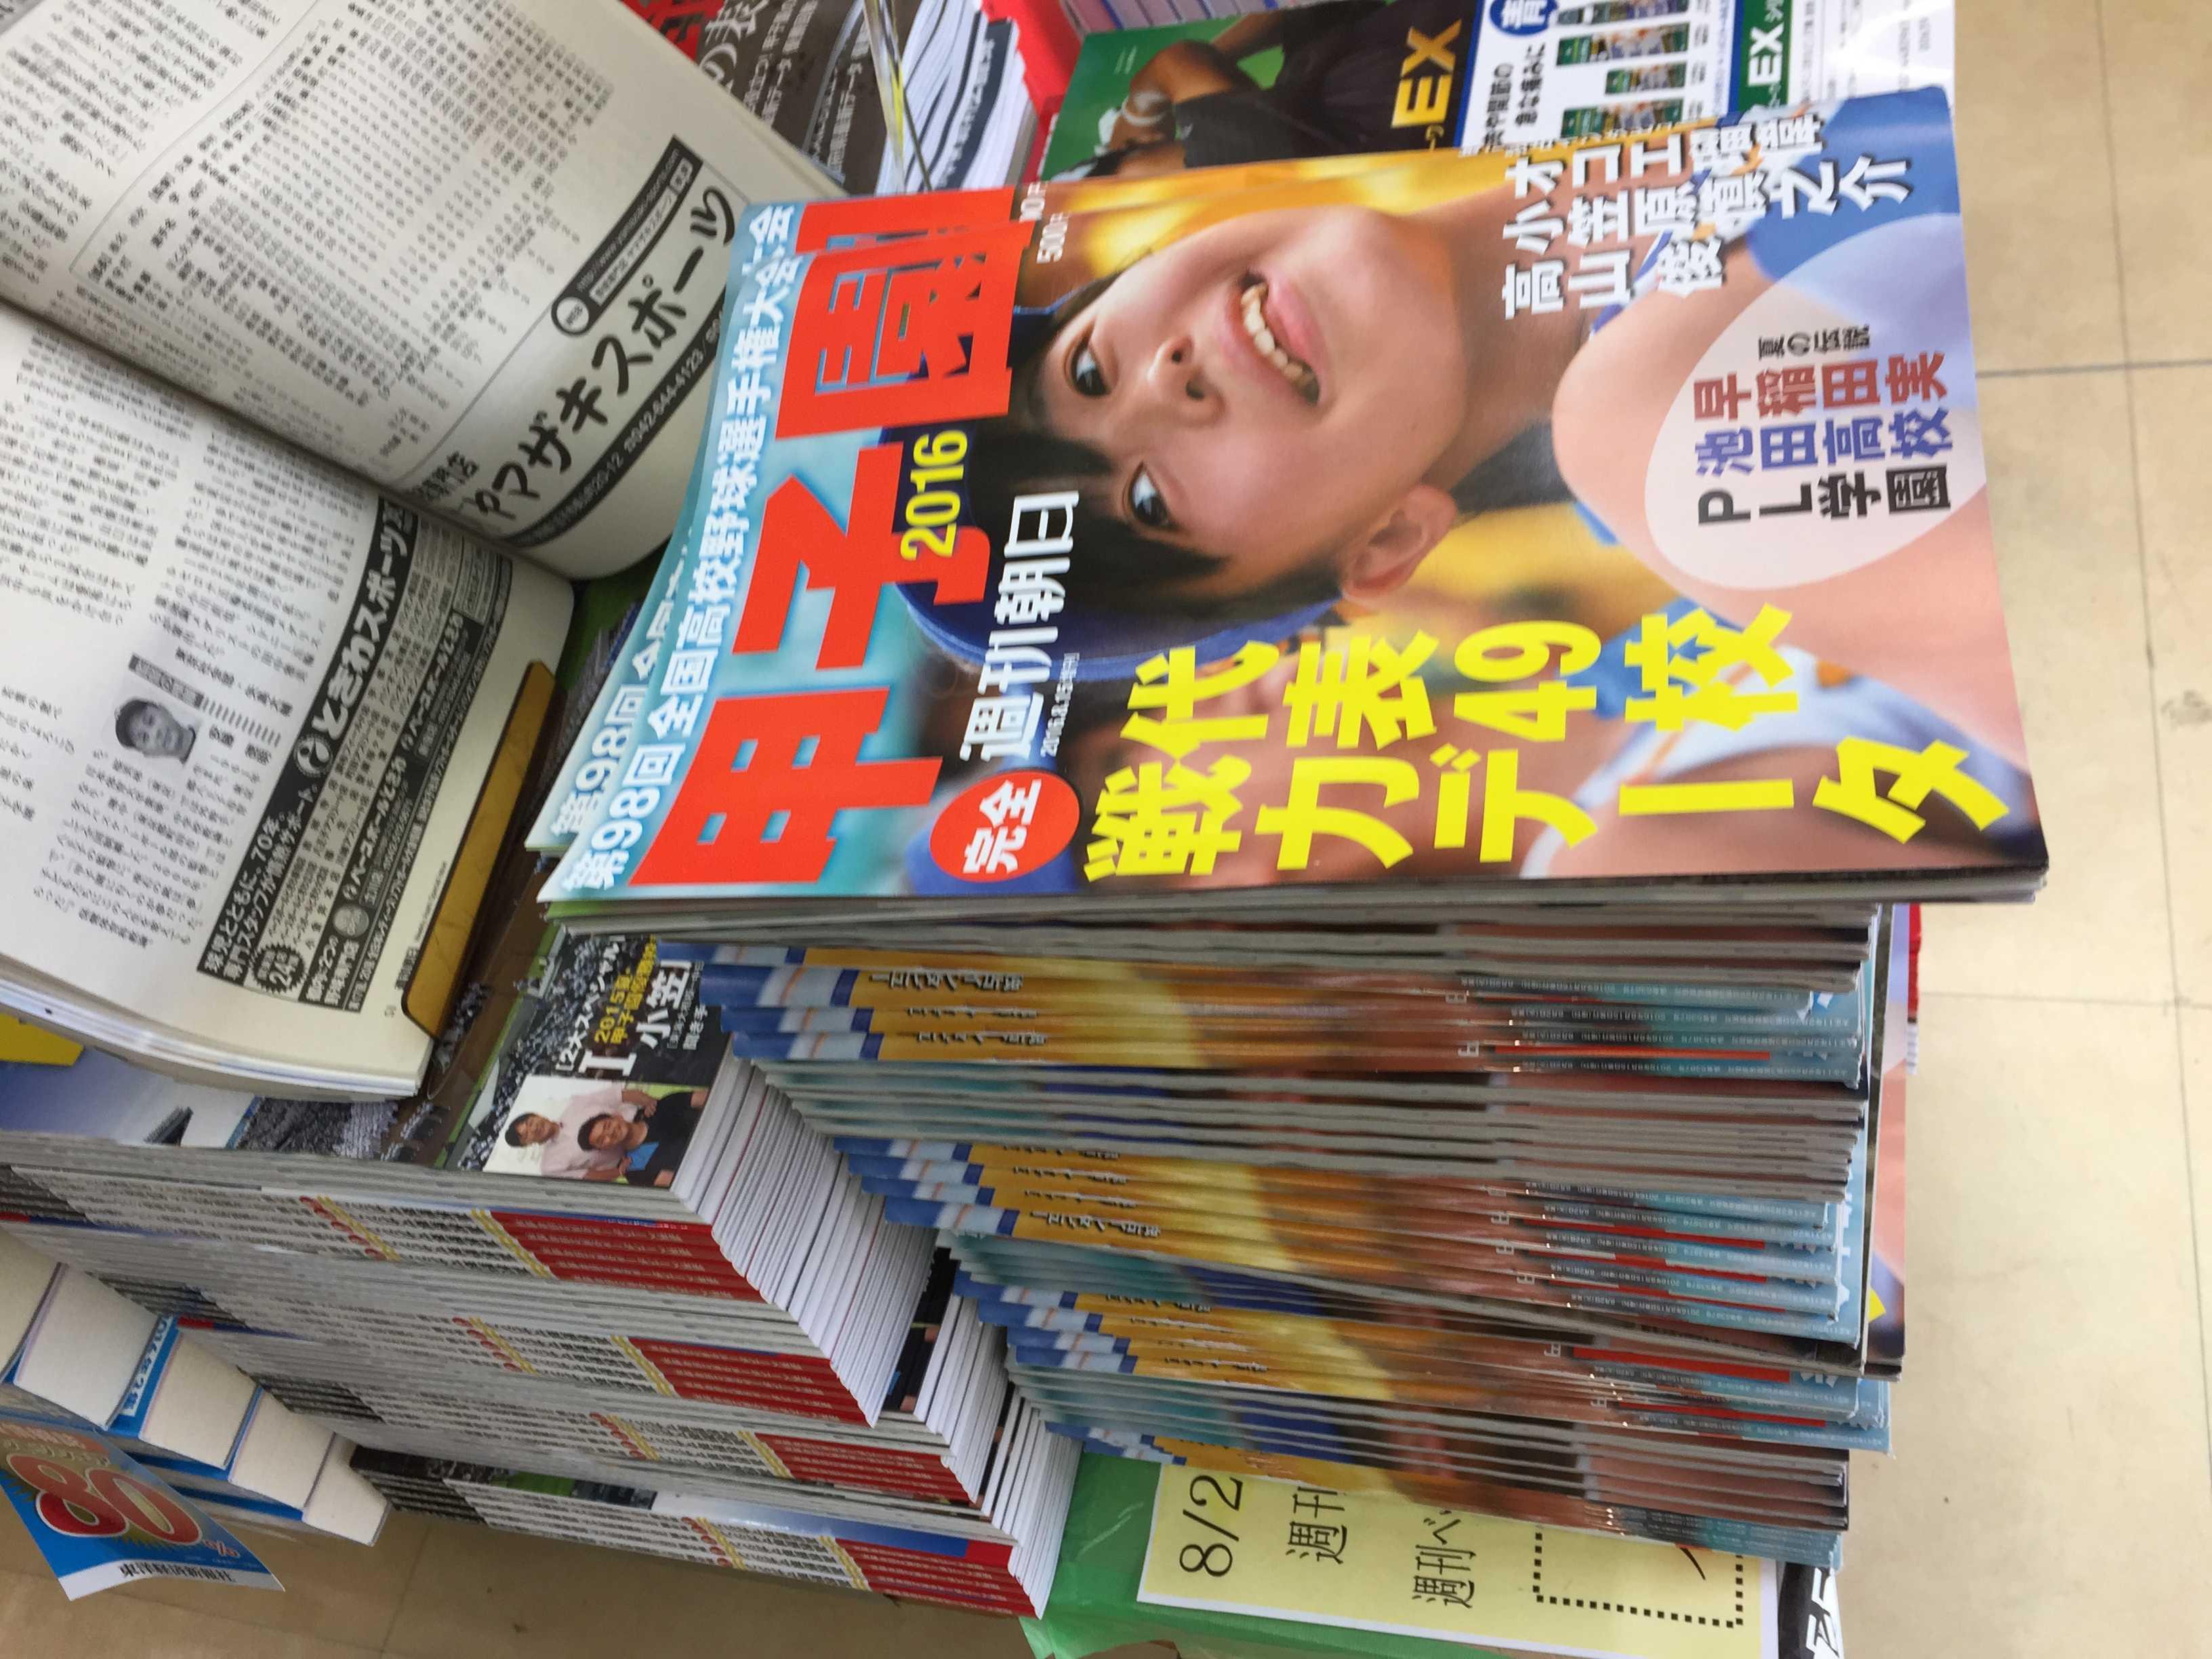 山積み状態の週刊朝日「甲子園2016」